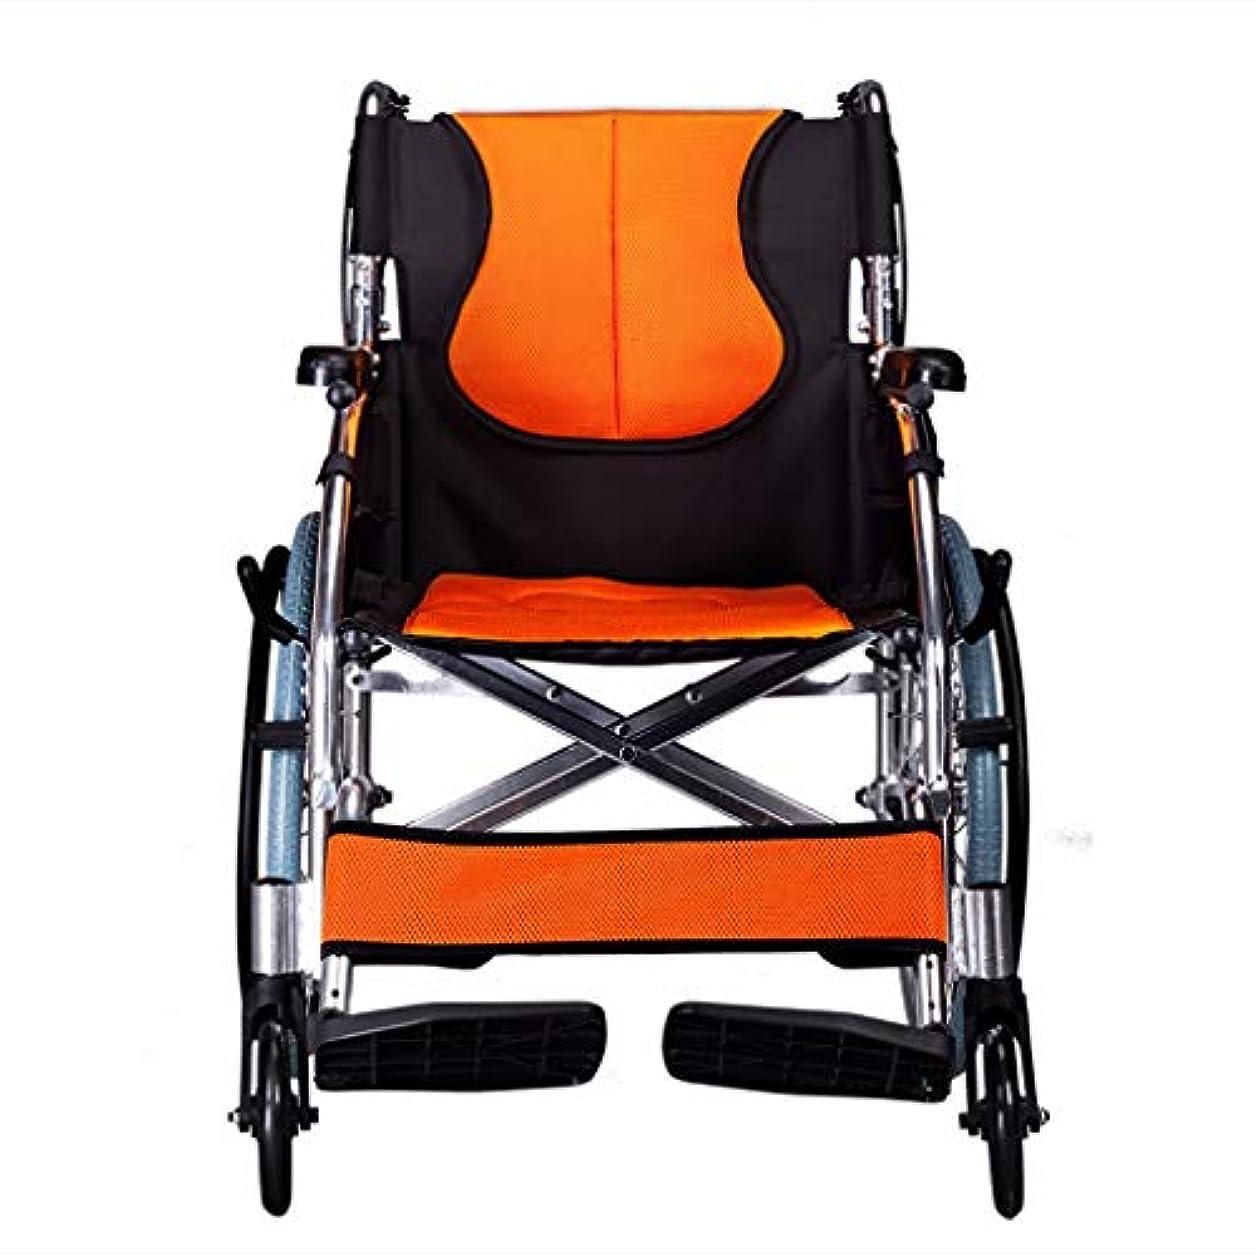 野ウサギ抵抗偽車椅子で折り畳むことができる車椅子、バック収納バッグのデザイン、屋外旅行多機能ハンドプッシュ折りたたみ車椅子